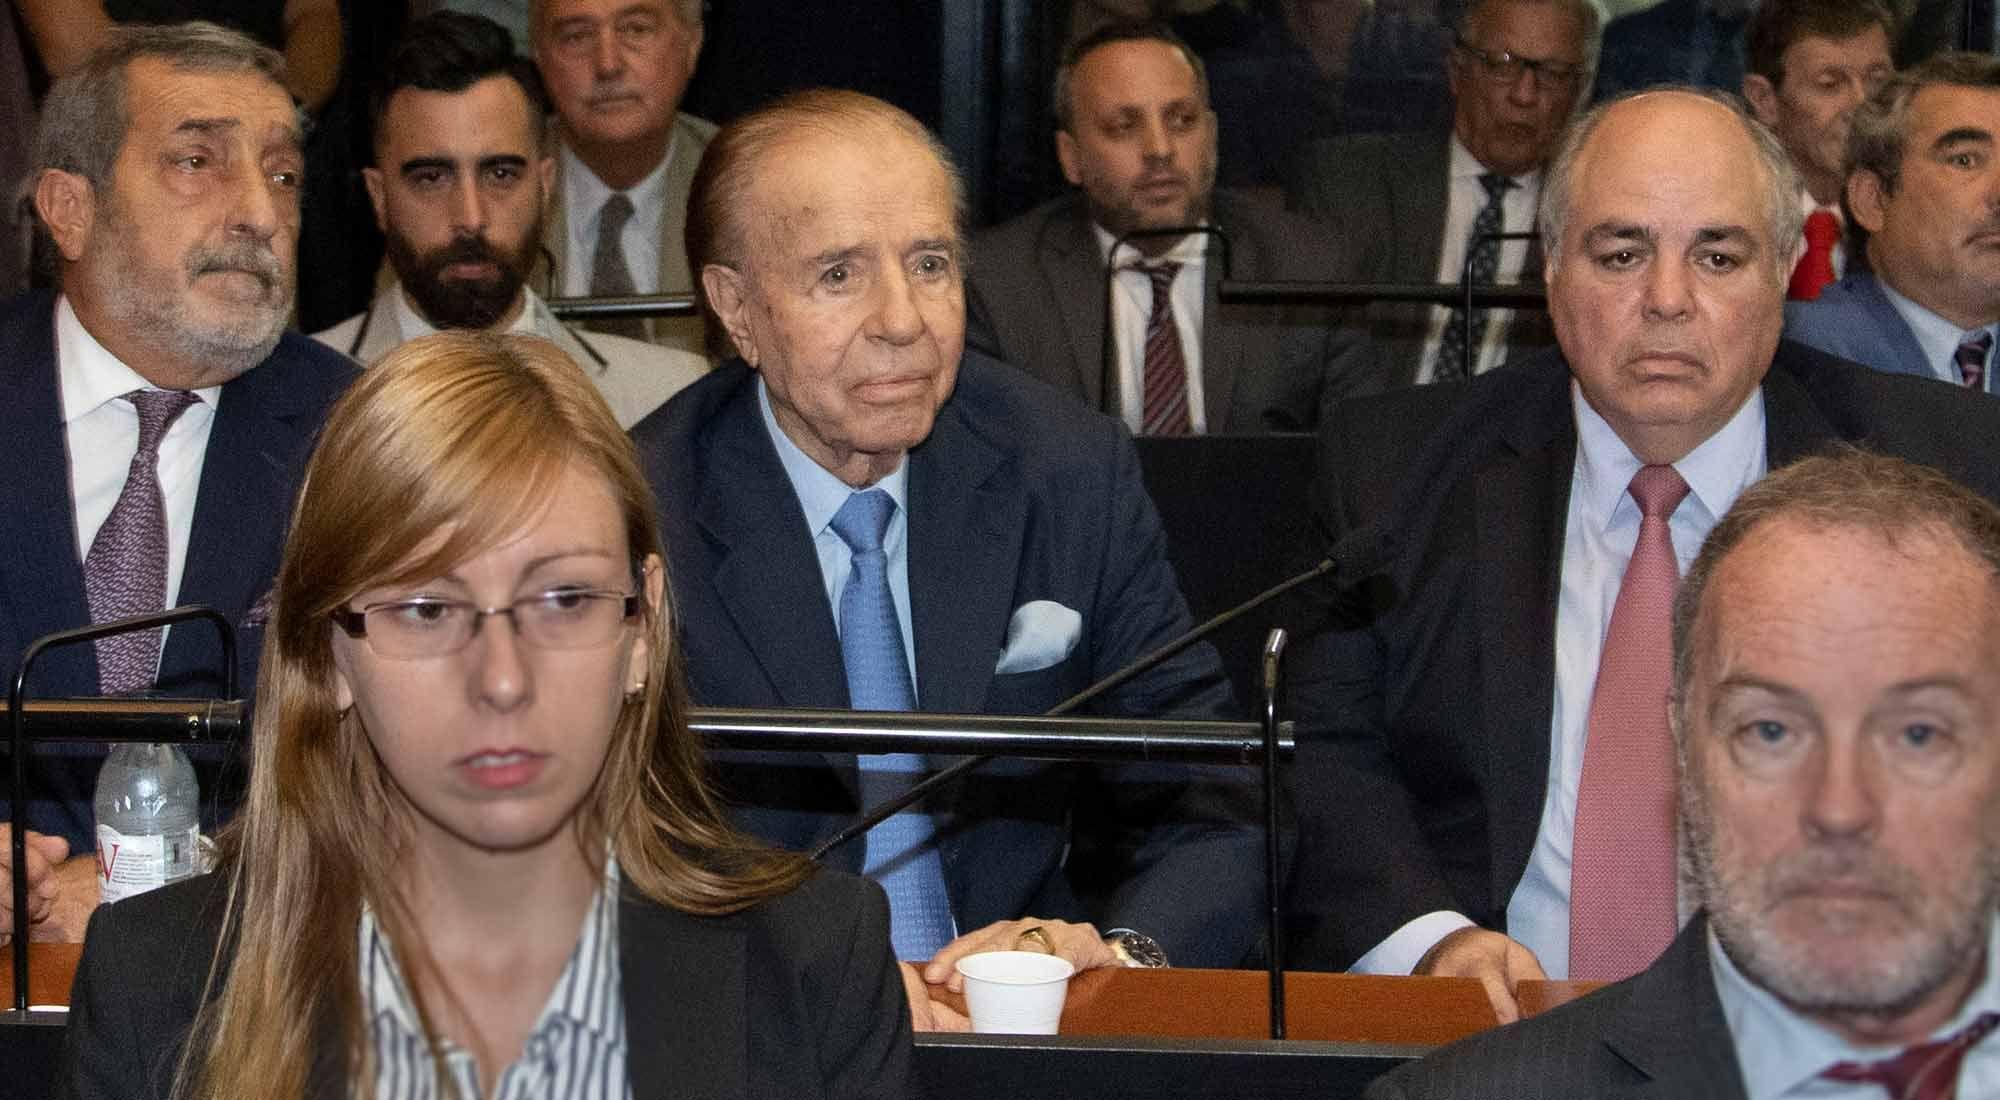 Causa AMIA: condenaron al exjuez Galeano a 6 años de prisión y absolvieron a Menem